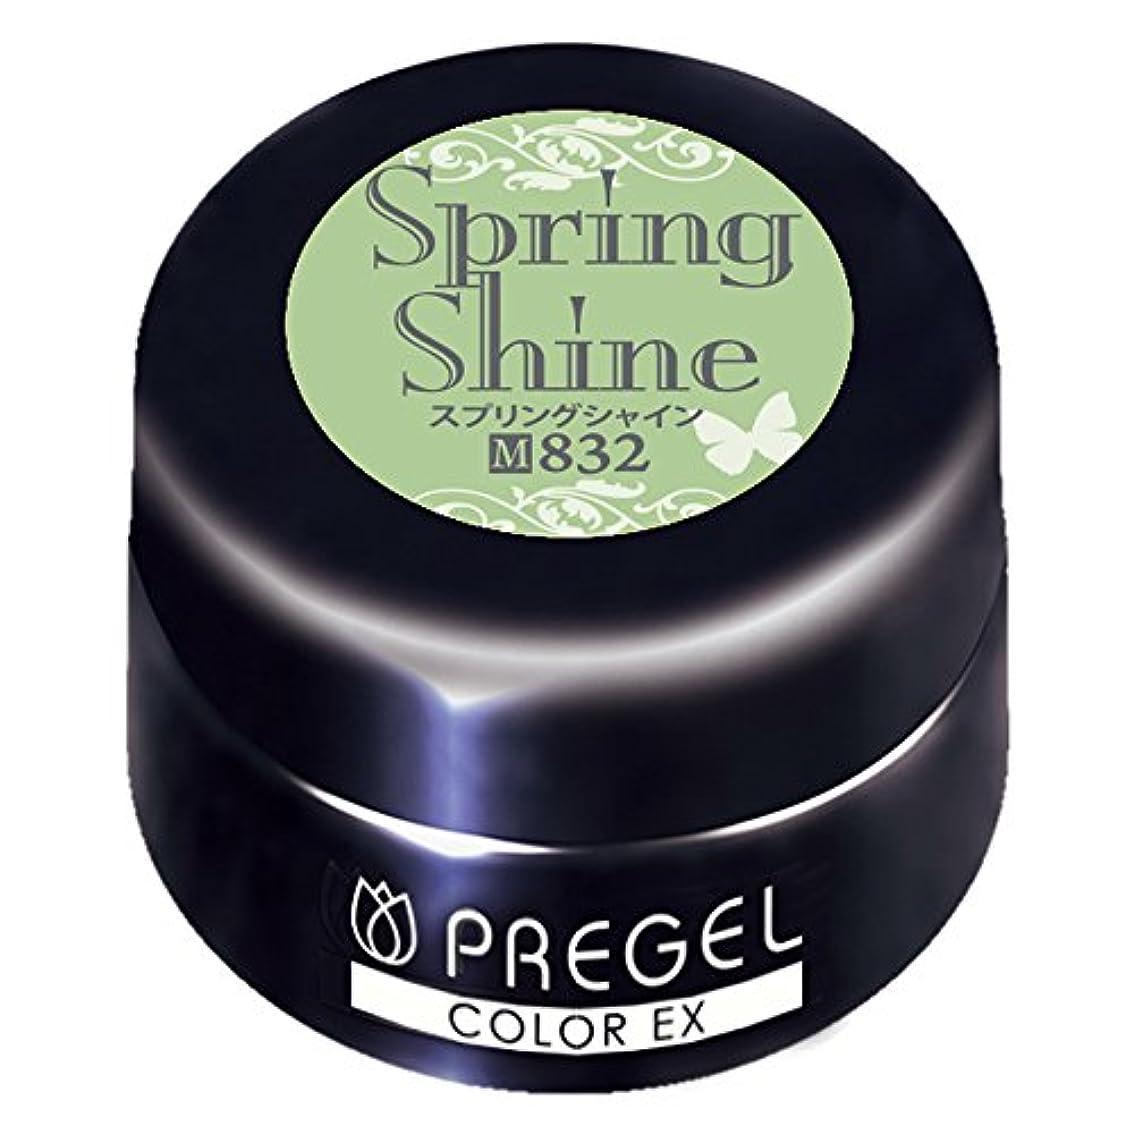 農奴どちらか熱帯のPRE GEL カラーEX スプリングシャイン832 3g UV/LED対応